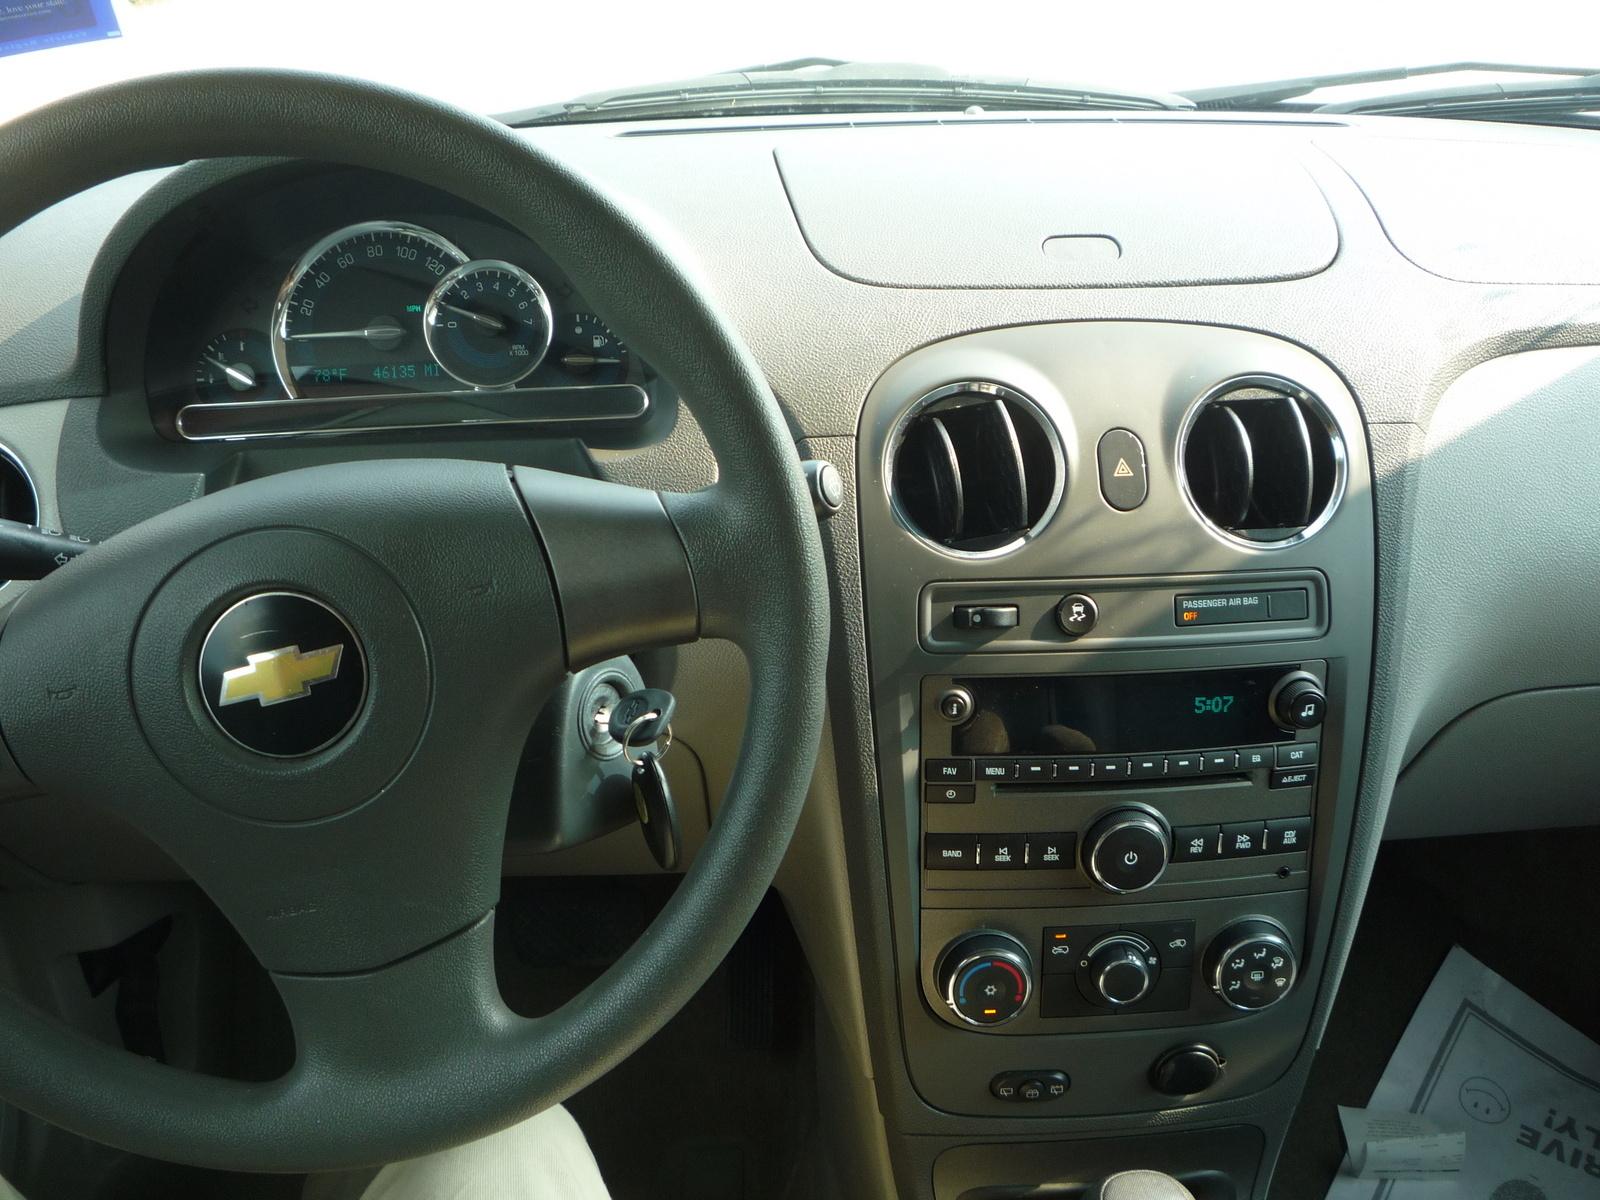 2010 Chevrolet Hhr Interior Pictures Cargurus